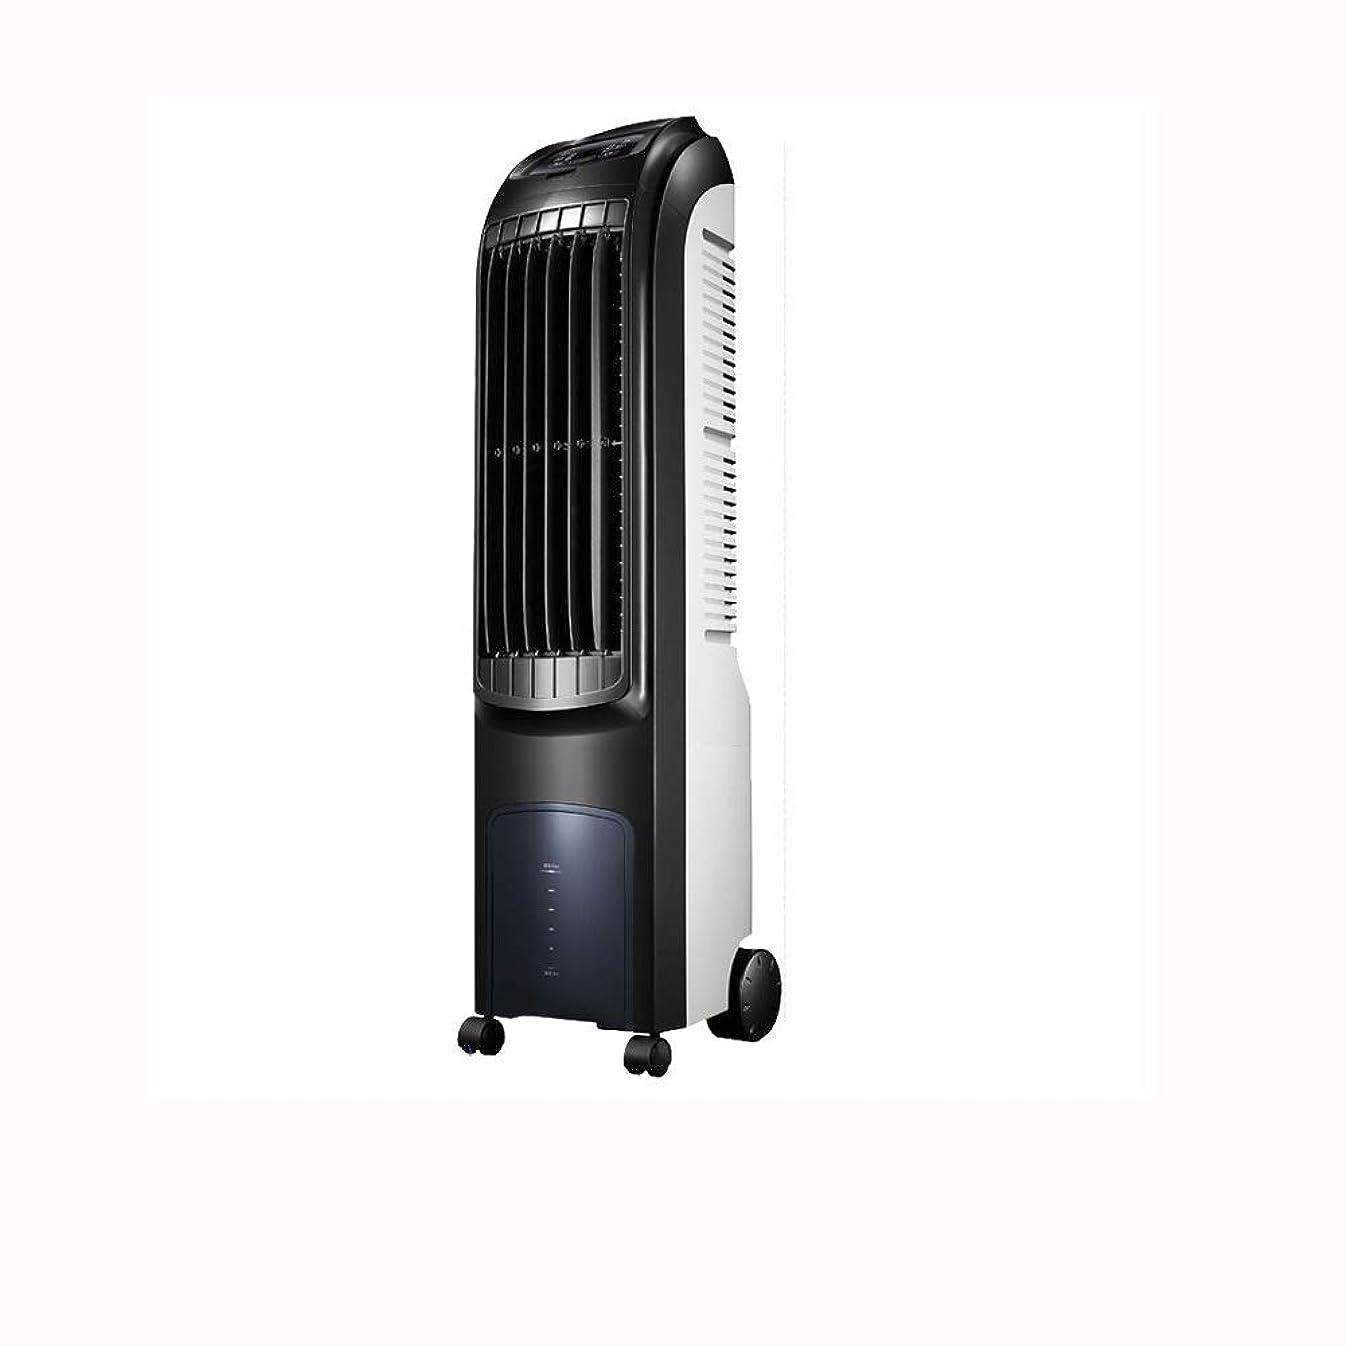 アミューズ世界記録のギネスブック小数YYSD 長時間の携帯用冷たいファン33.8 dBの空気クーラー55Wの省エネの環境に優しい冷たいファンのクーラーの屋内屋外のac